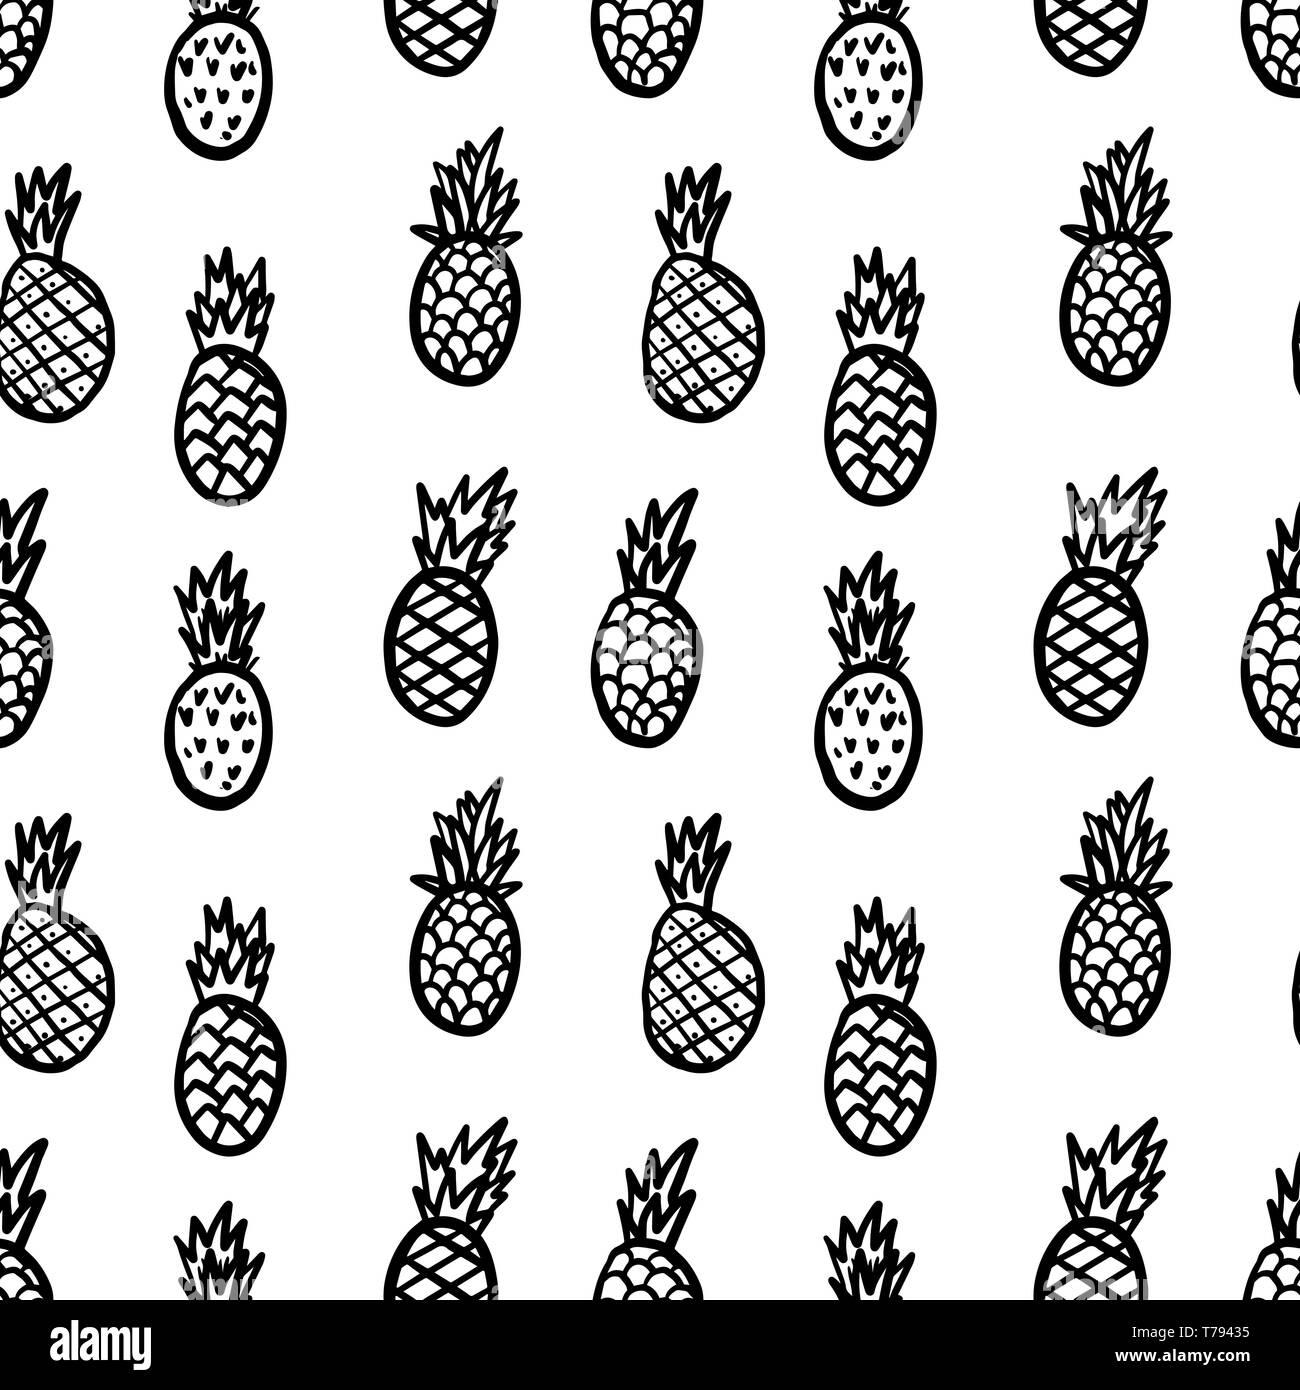 Nahtlose Muster mit Ananas gezeichnet. Design Element für Poster, Karten, Banner, Flyer. Vector Illustration Stock Vektor